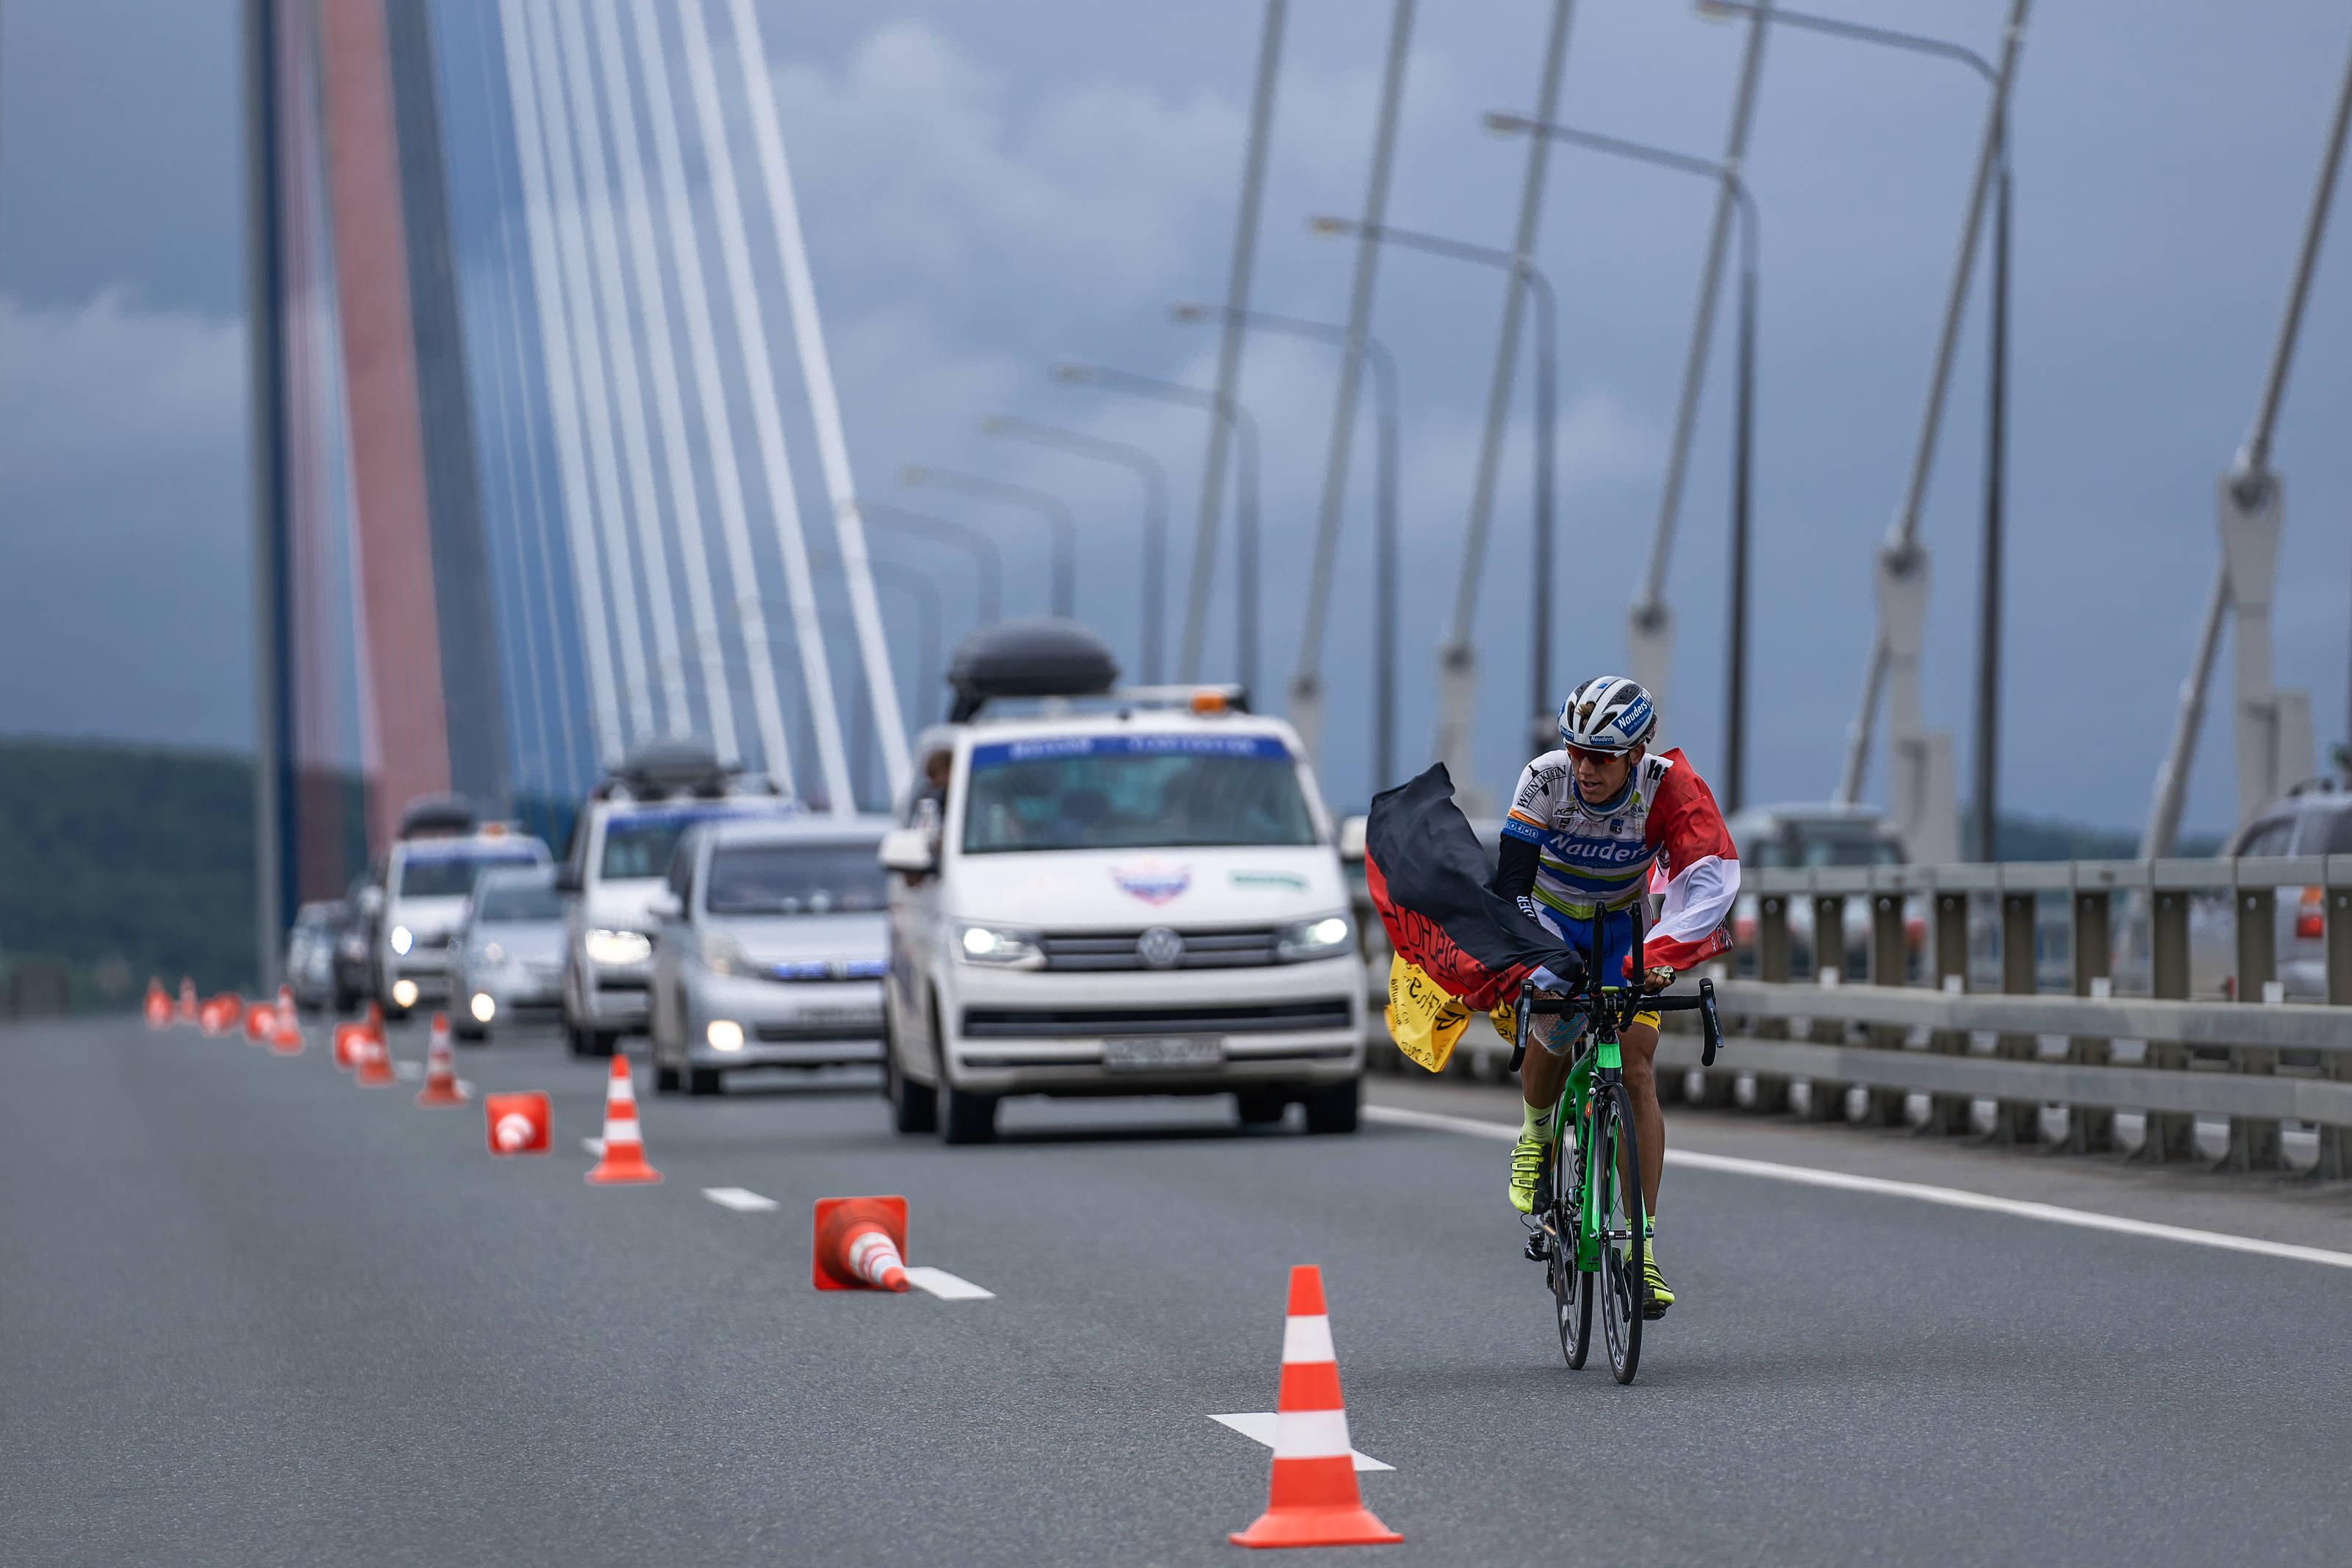 ультра-марафонская шоссейная многодневная велогонка Red Bull Trans-Siberian Extreme